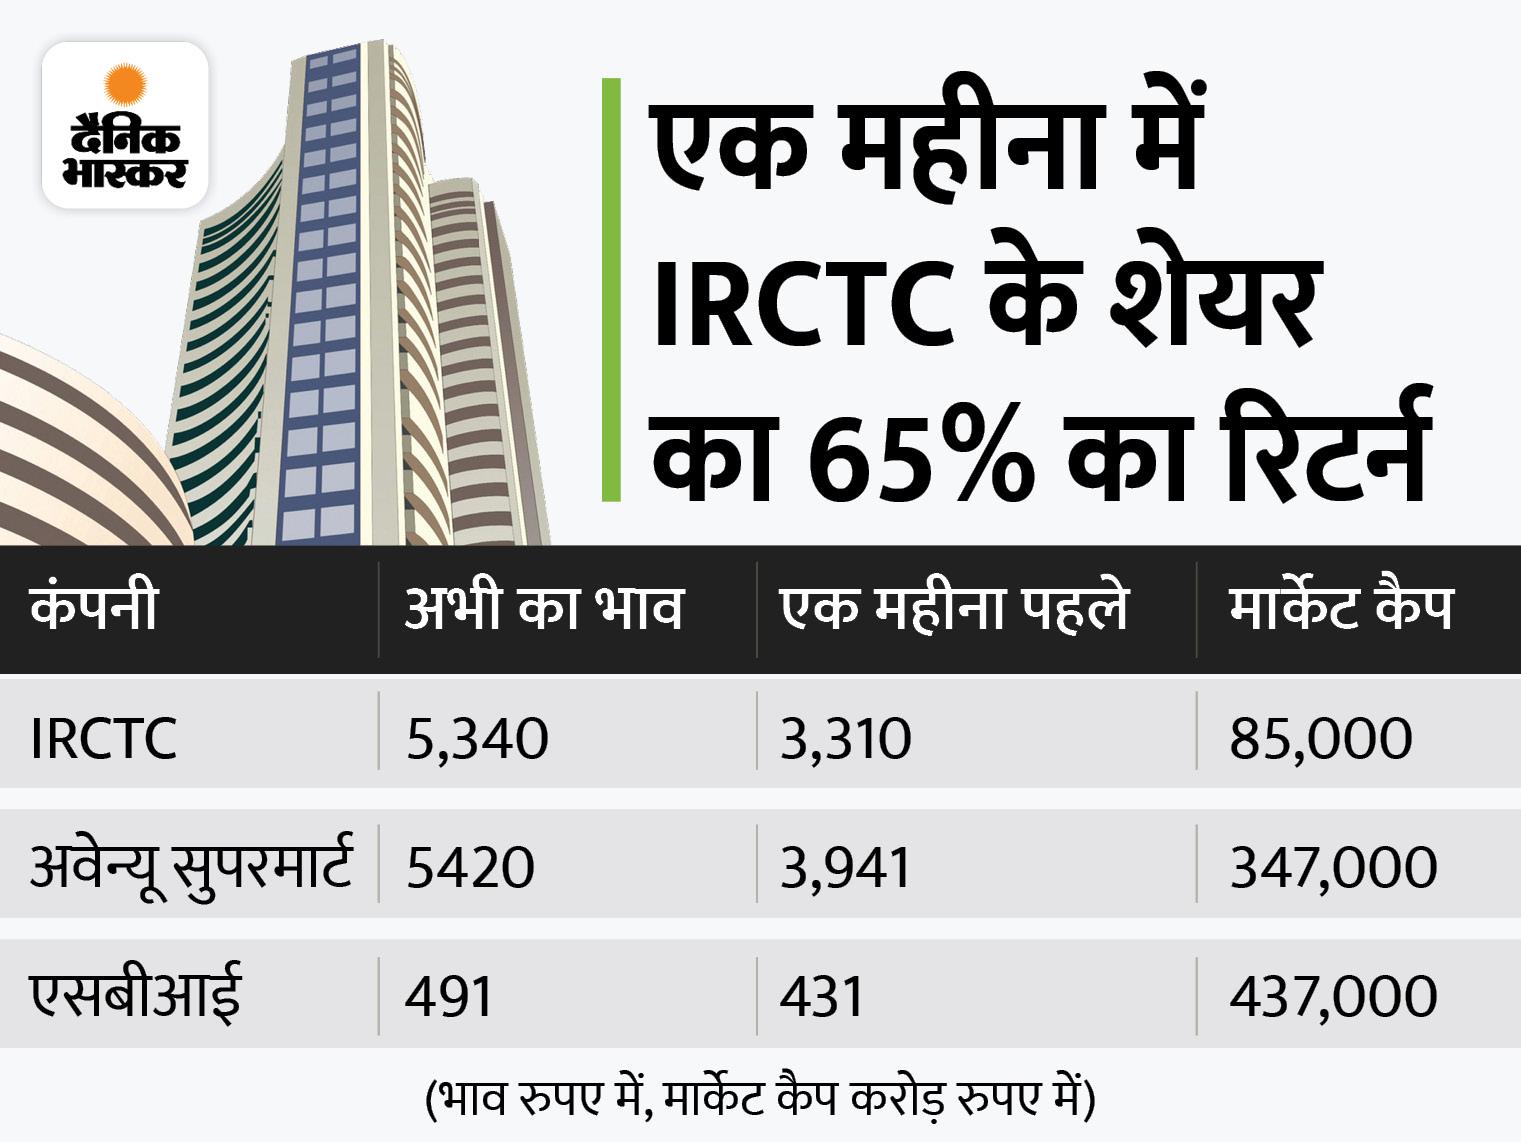 SBI और कैनरा बैंक का शेयर 1 साल के टॉप: IRCTC का शेयर 9% और और डीमार्ट का शेयर 5% बढ़ा, दोनों का भाव 5300 रुपए के पार